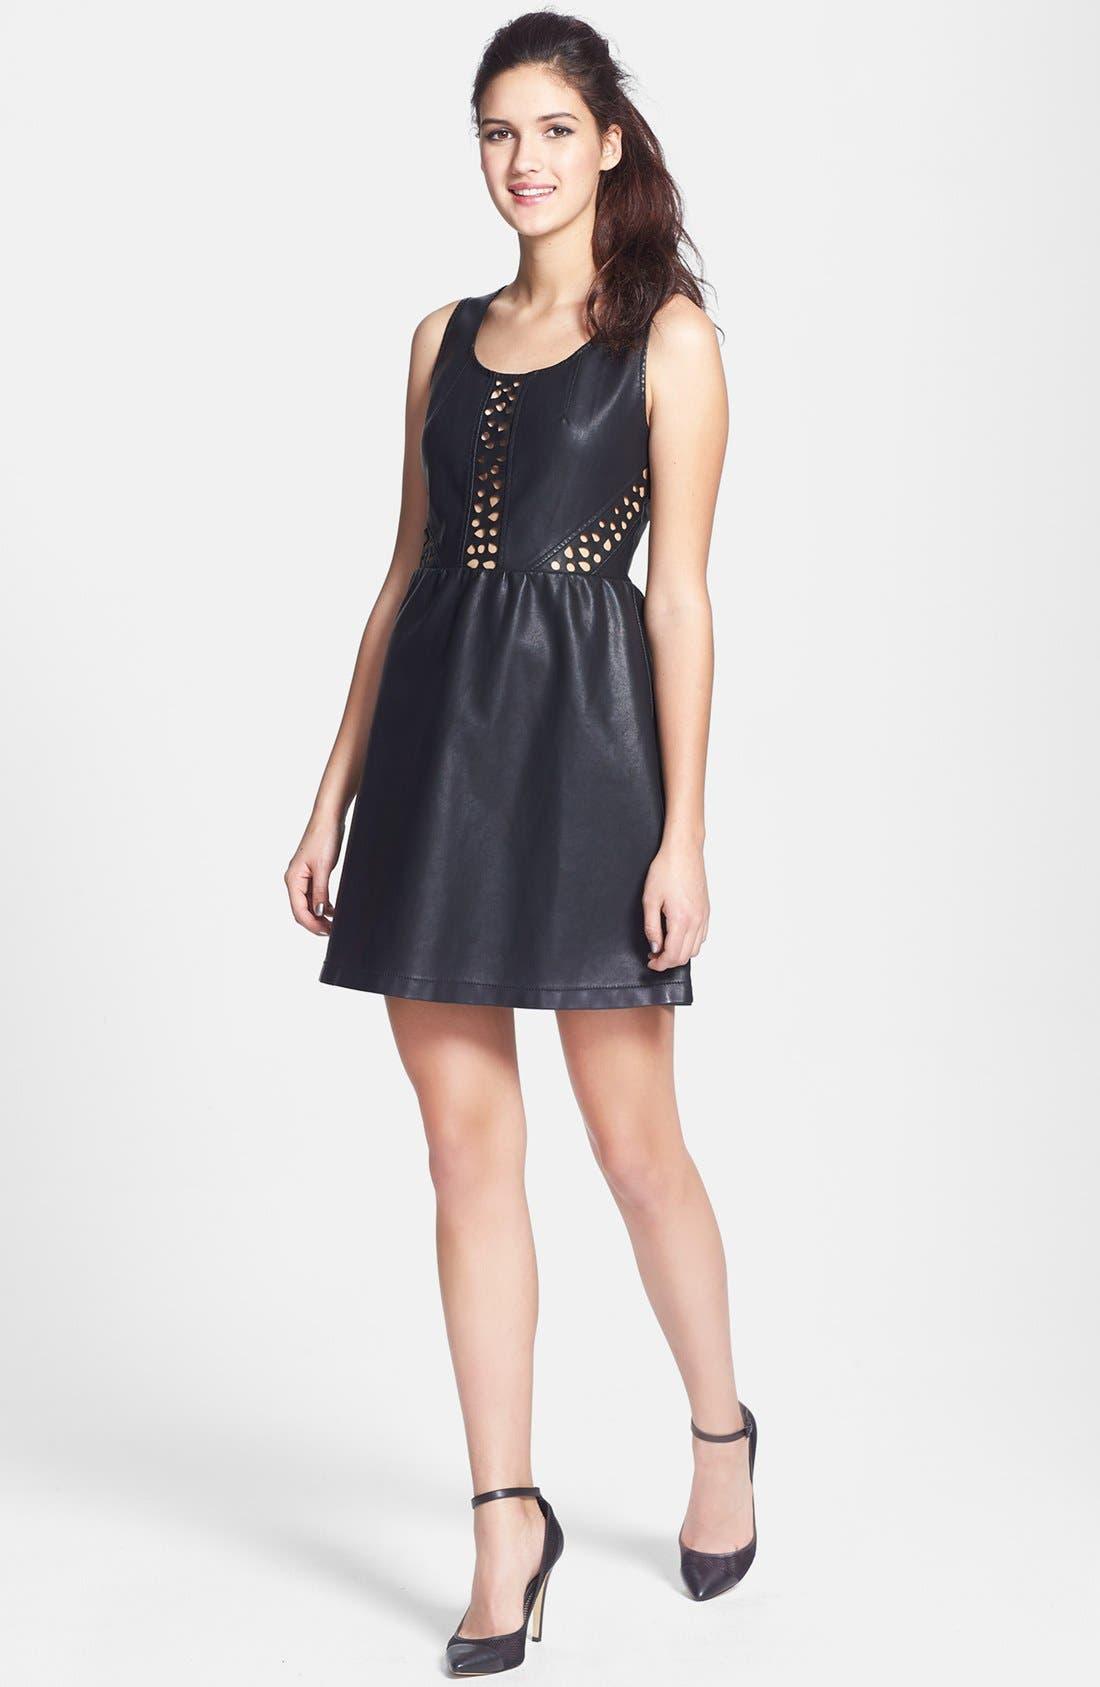 C. LUCE Laser Cut Faux Leather Skater Dress, Main, color, 001